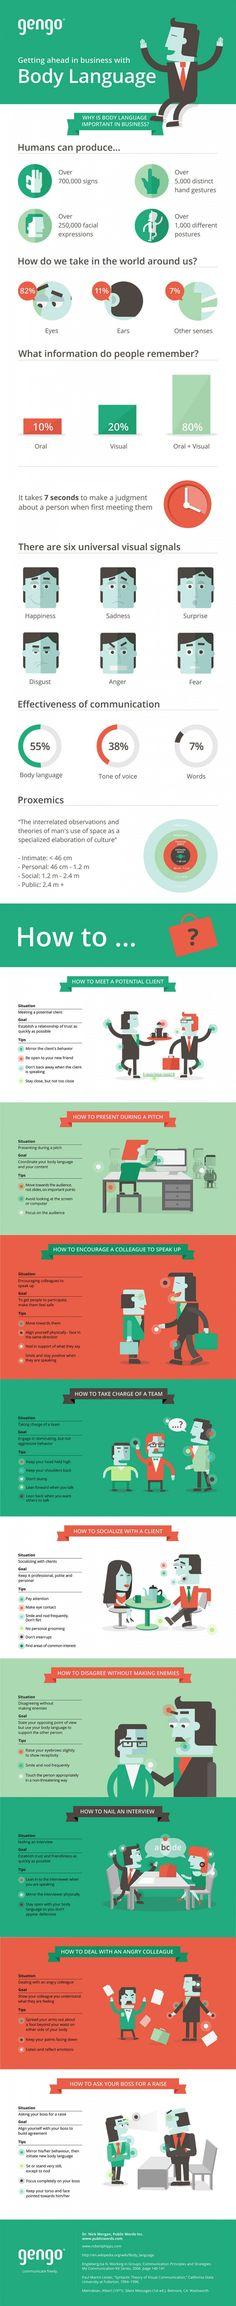 Die Körpersprache ist gerade im Arbeitsumfeld wichtig. Diese Infografik gibt Tipps für neun unterschiedliche Situationen. (Grafik: Gengo)